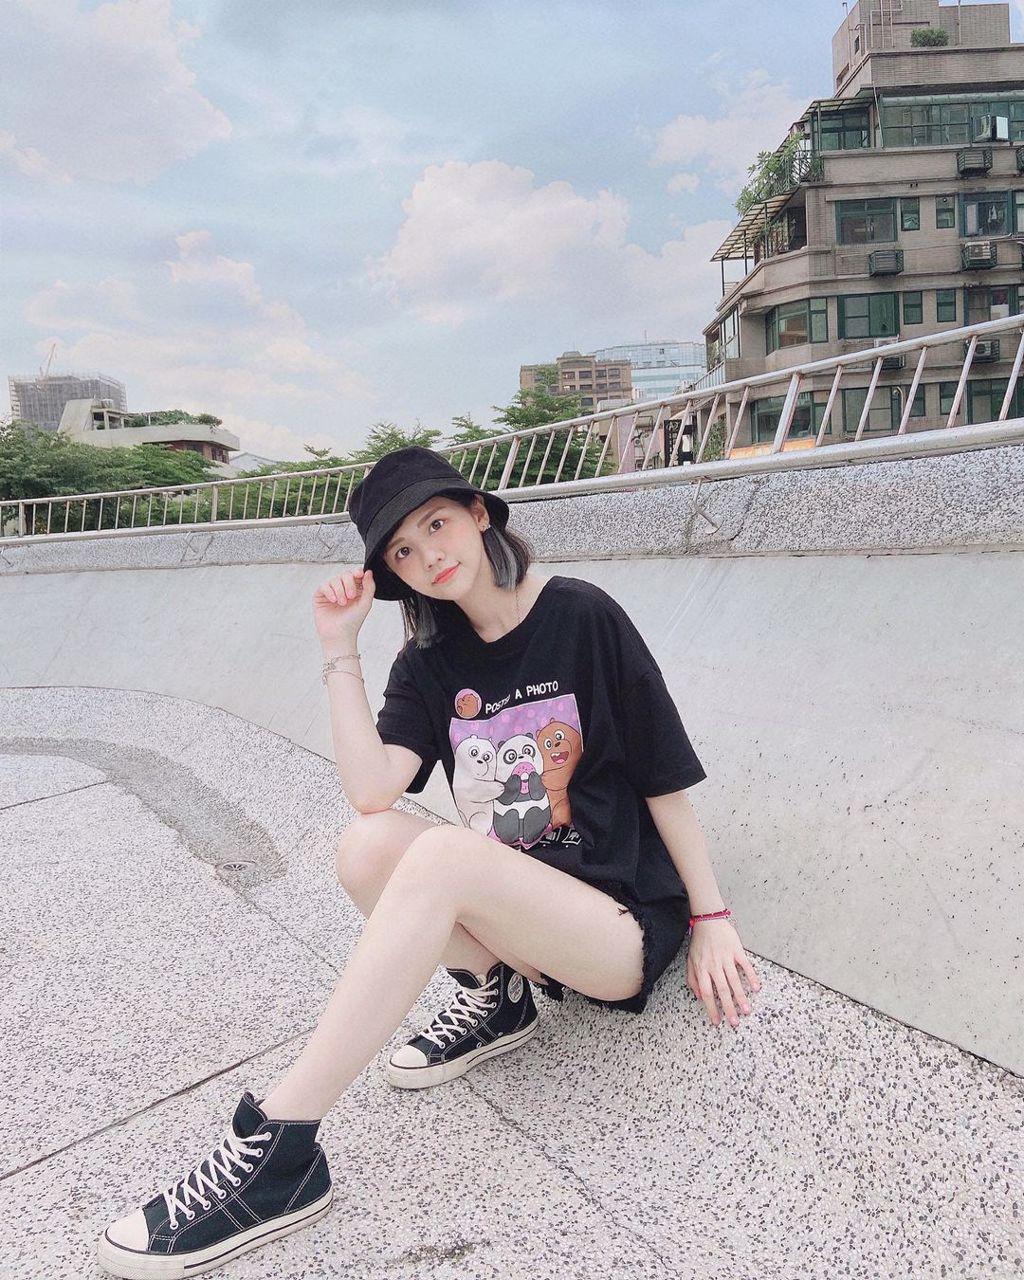 高人氣 YouTuber「許瑜」可愛又不失性感!「下身失蹤」穿搭大秀白皙美腿 (圖片/JKF提供)